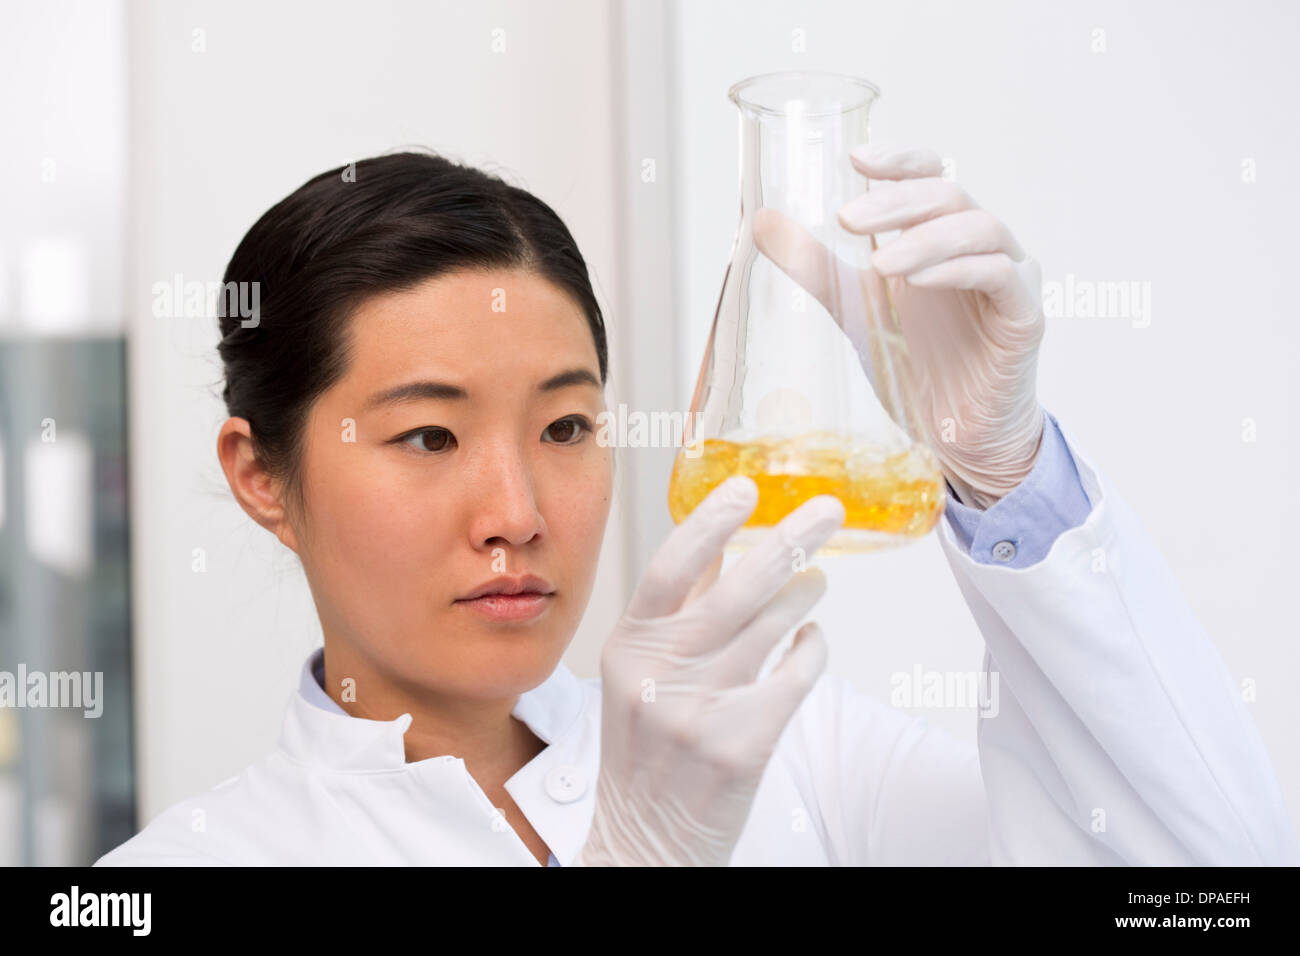 Weiblicher Wissenschaftler untersuchen Bakterienwachstum in Kolben mit LB (Lysogeny Brühe)-medium Stockfoto